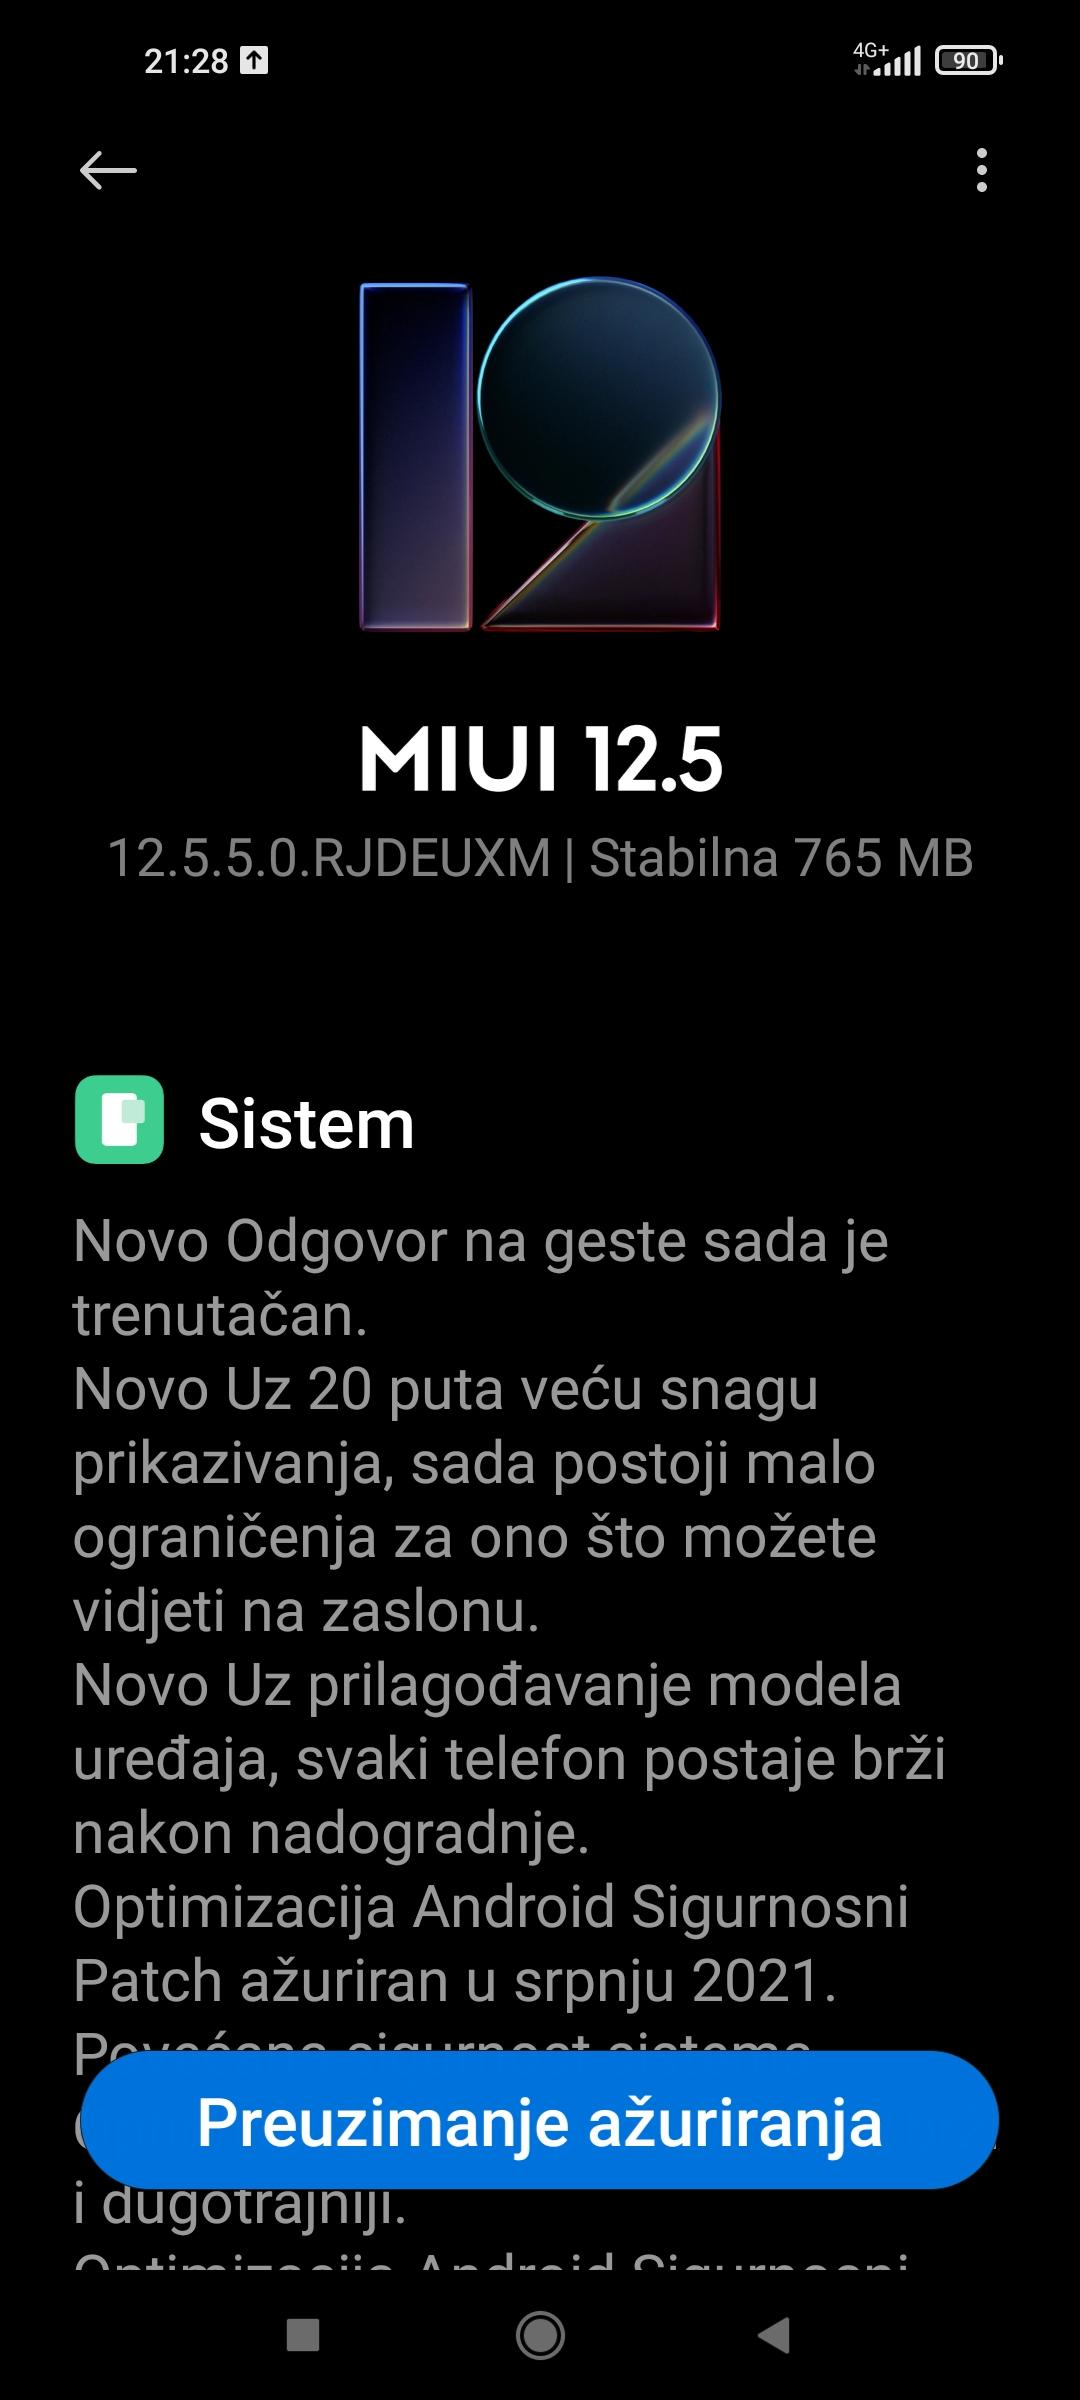 Screenshot_2021-08-27-21-28-06-675_com.android.updater.jpg